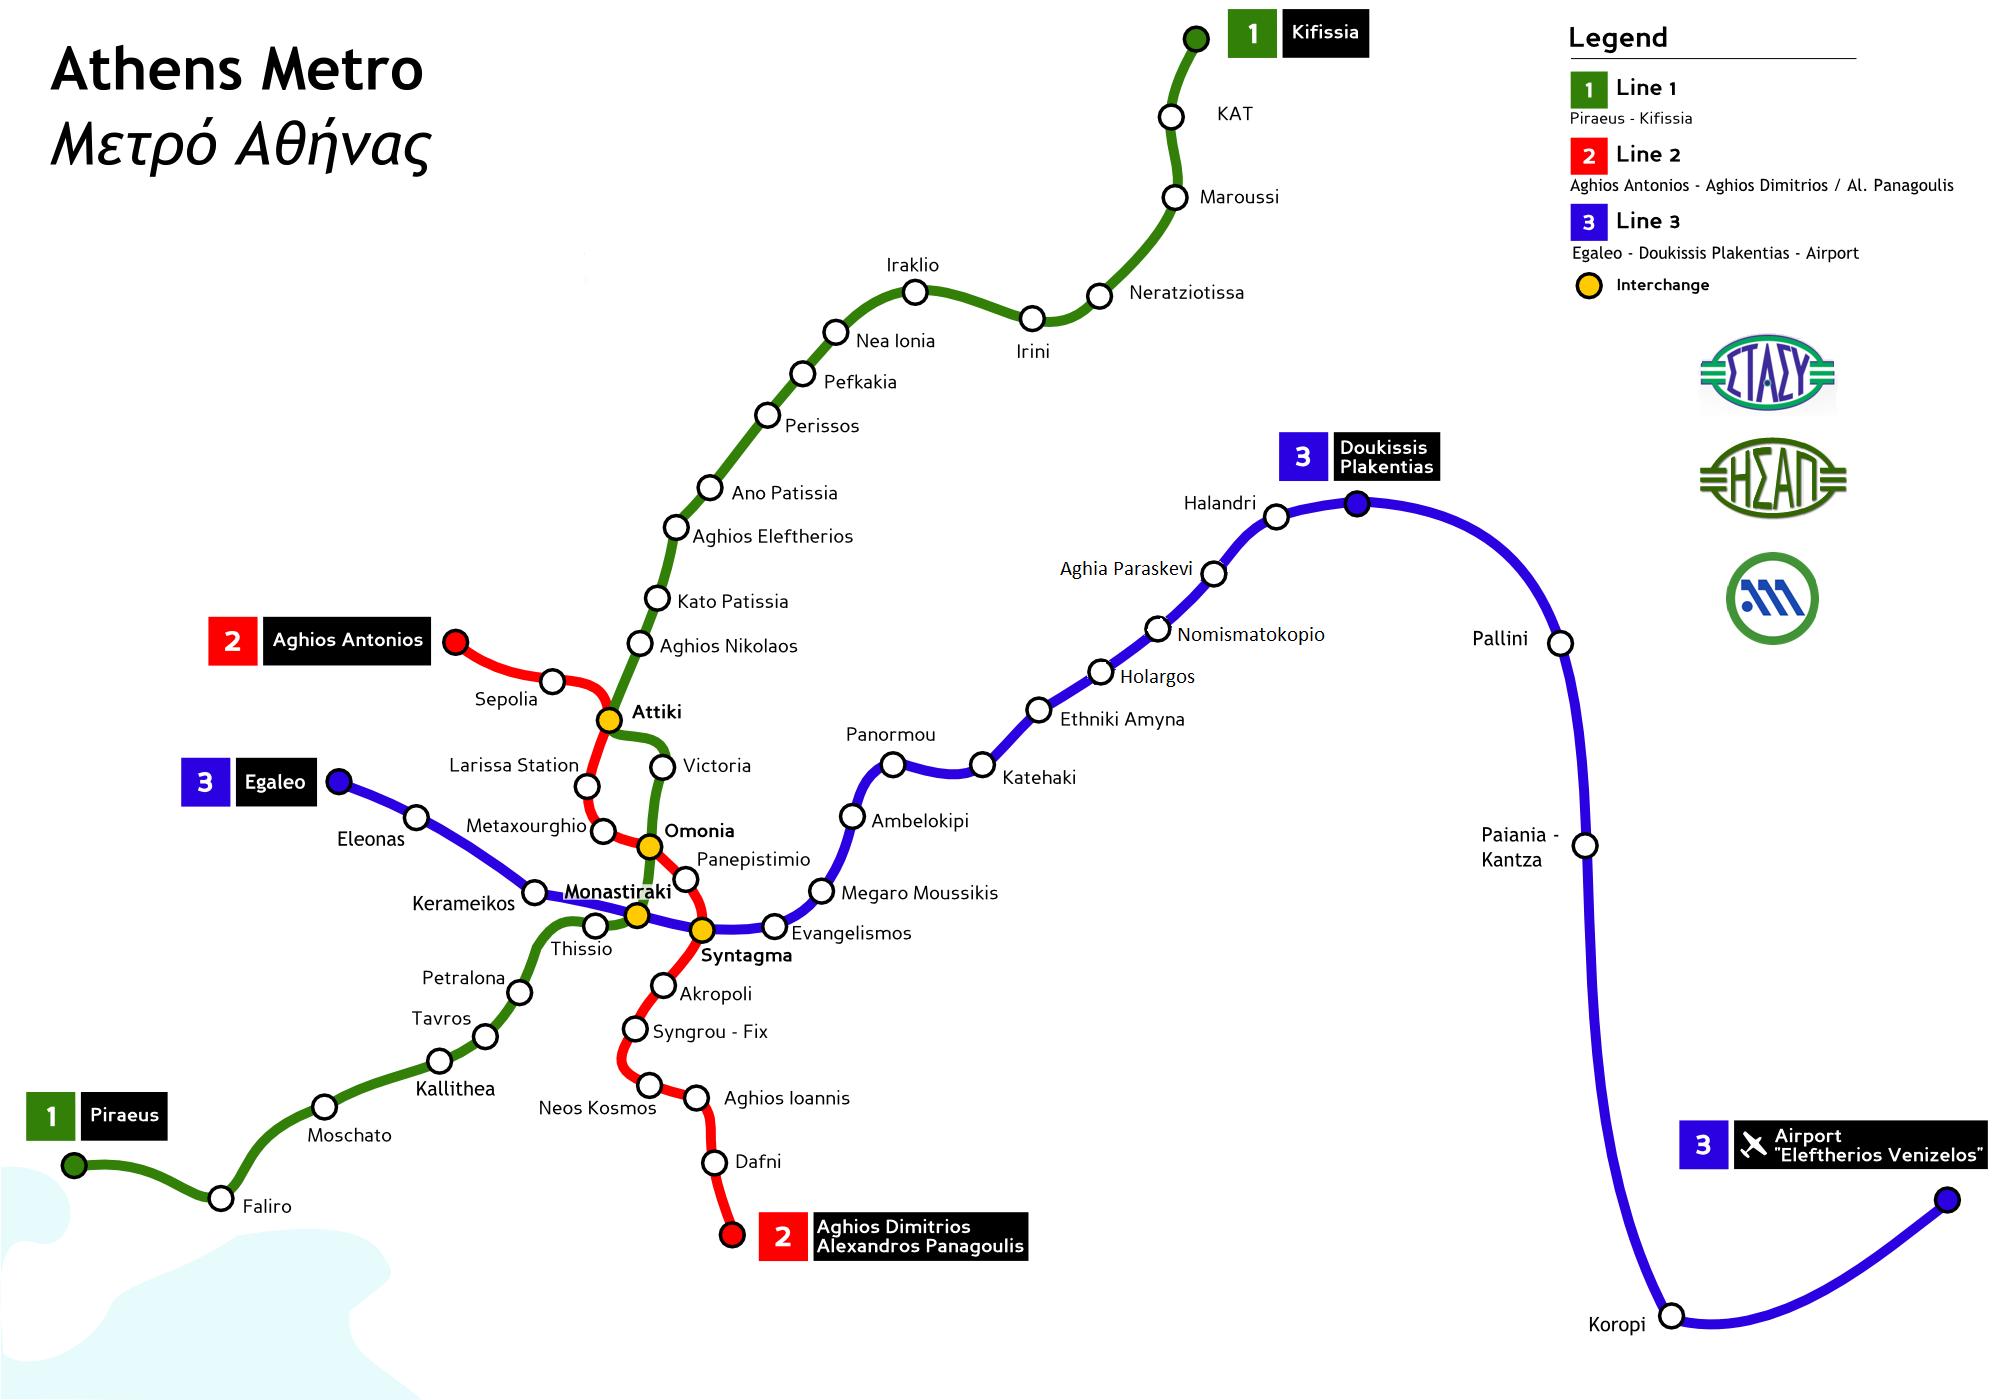 Komunikacja w Atenach - mapa metro Ateny